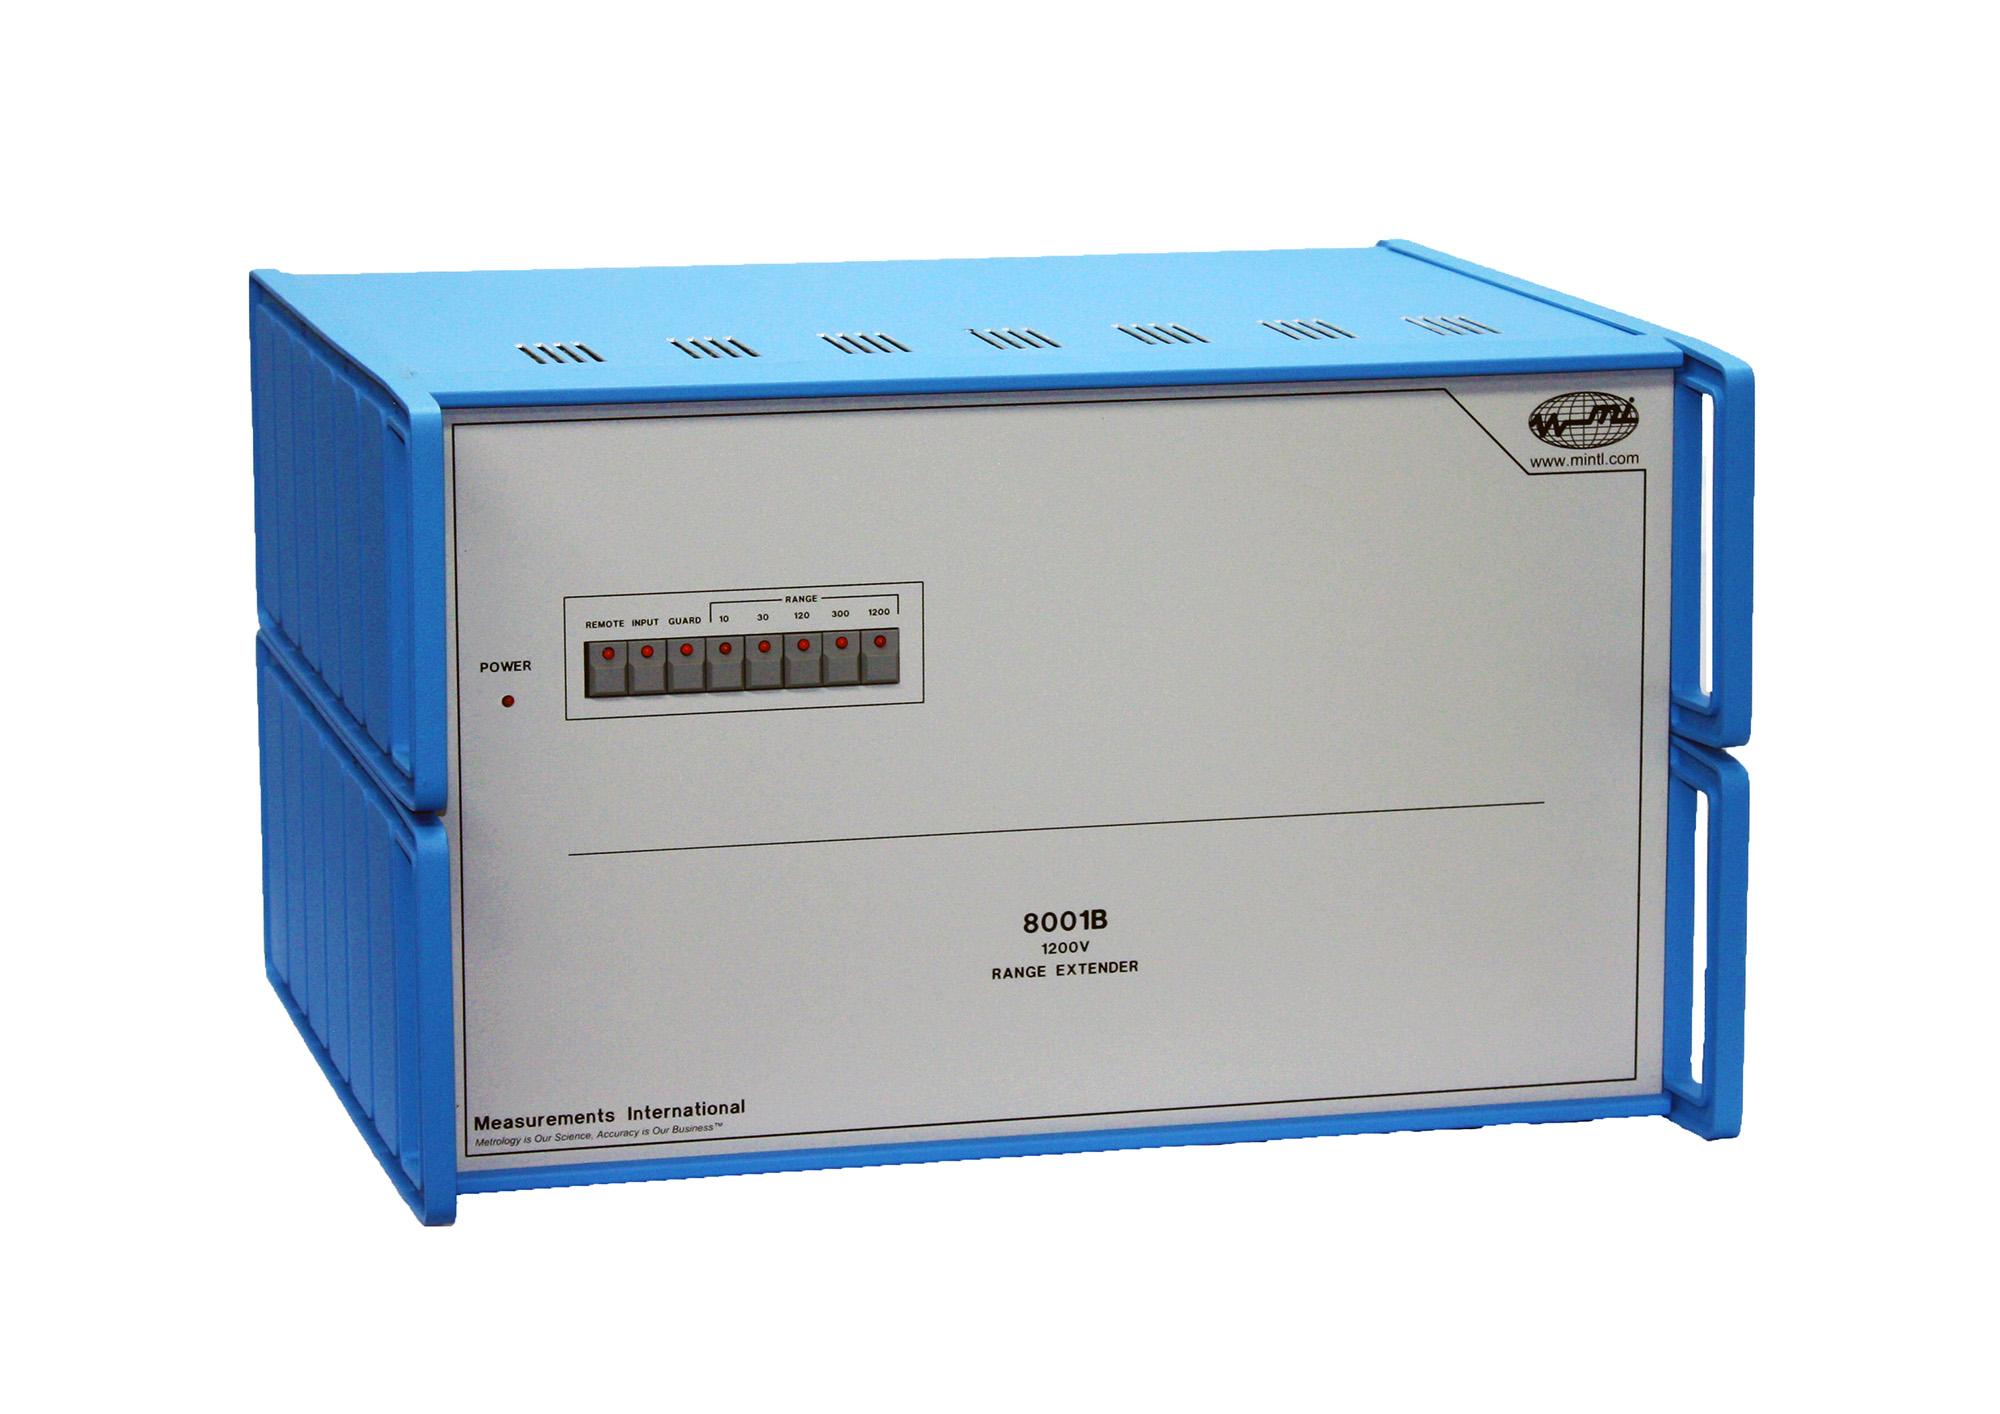 8001B 1200V Range Extender